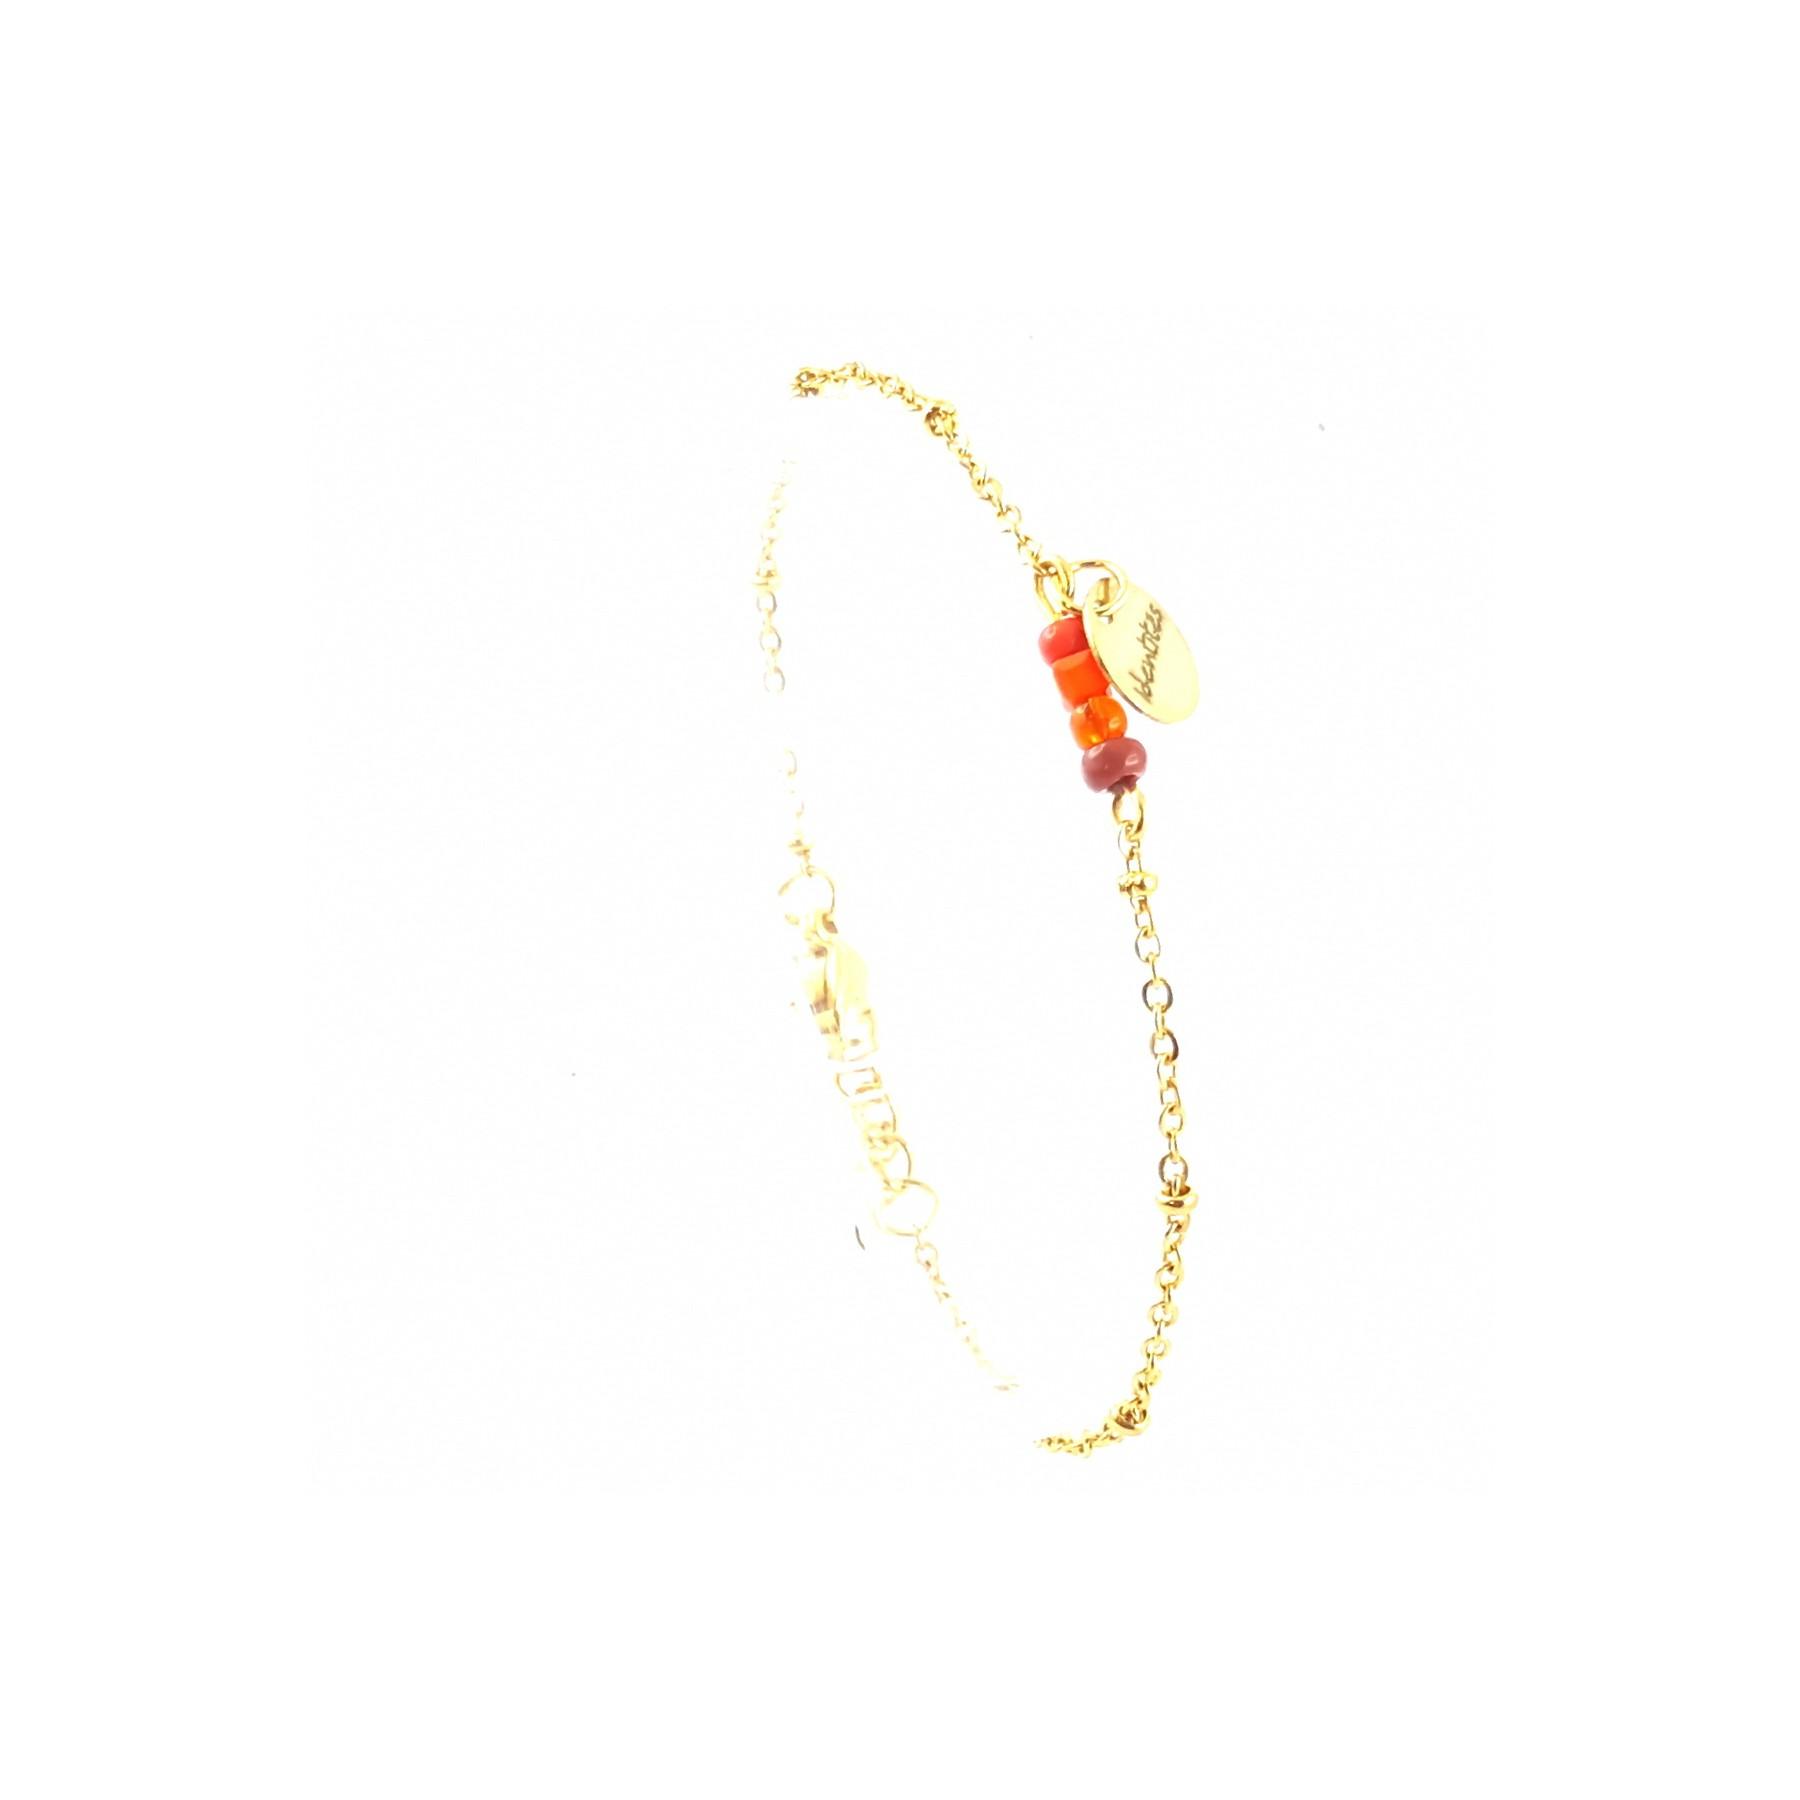 BRA perles couleurs chaudes